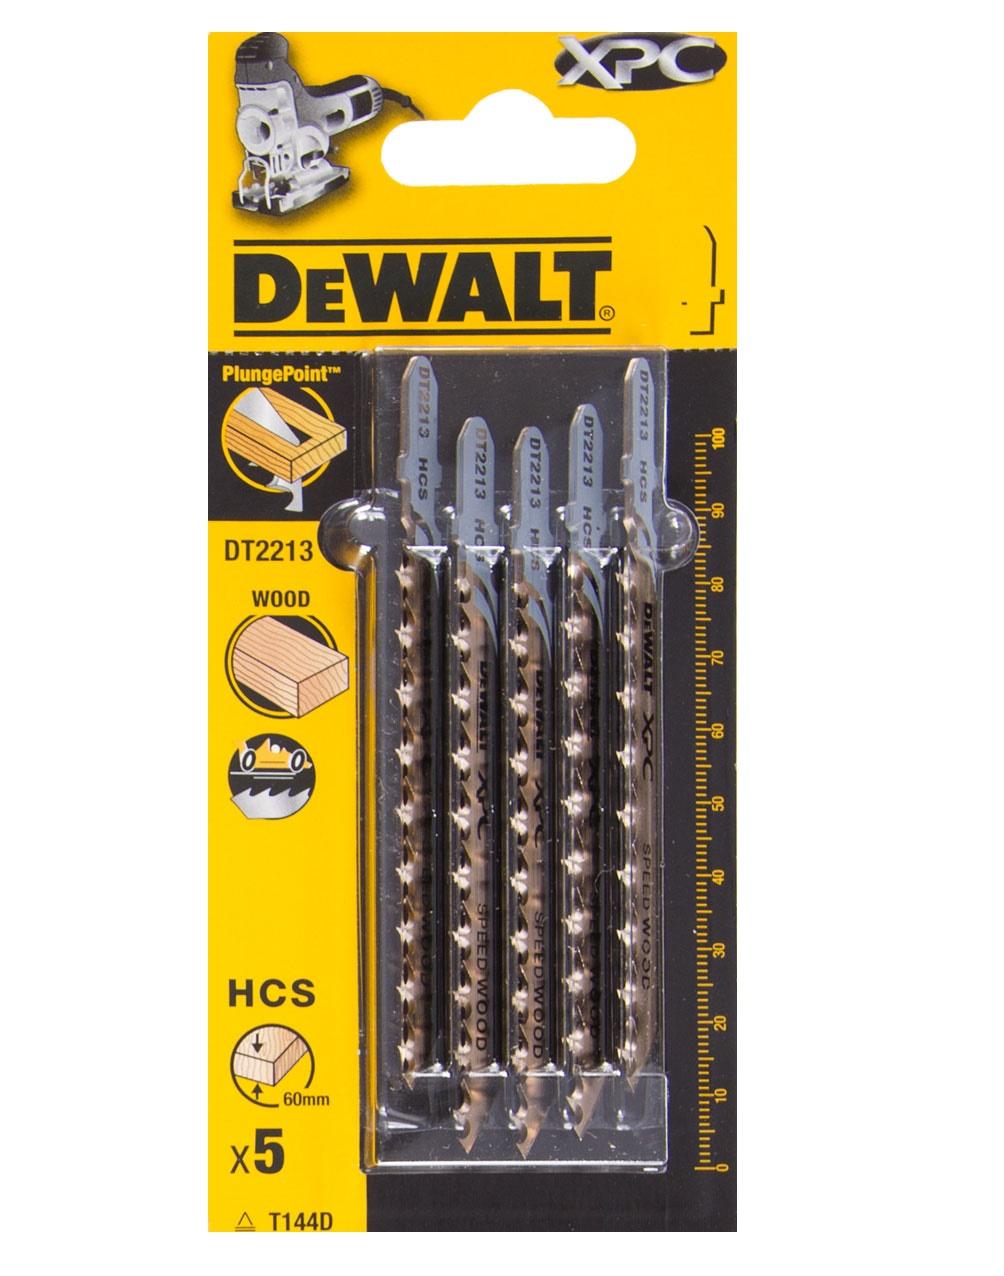 DT2213 DeWALT pilový plátek XPC 100 mm na dřevo 5ks z oceli s vysokým obsahem uhlíku (HCS)